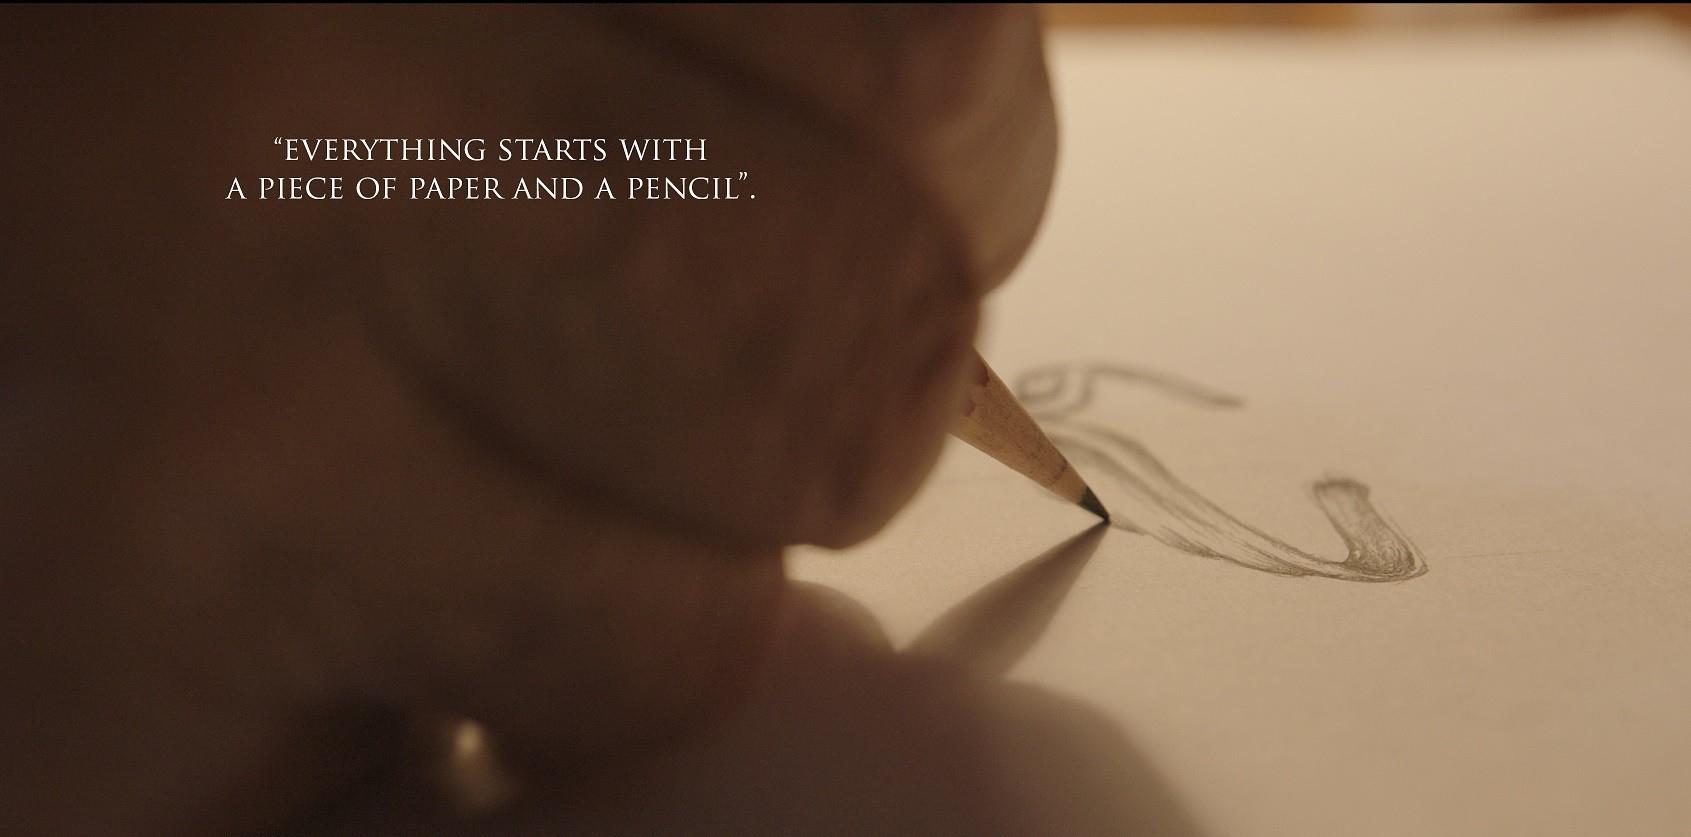 Είδαμε πρώτοι το short film για τη ζωή του σχεδιαστή Minas